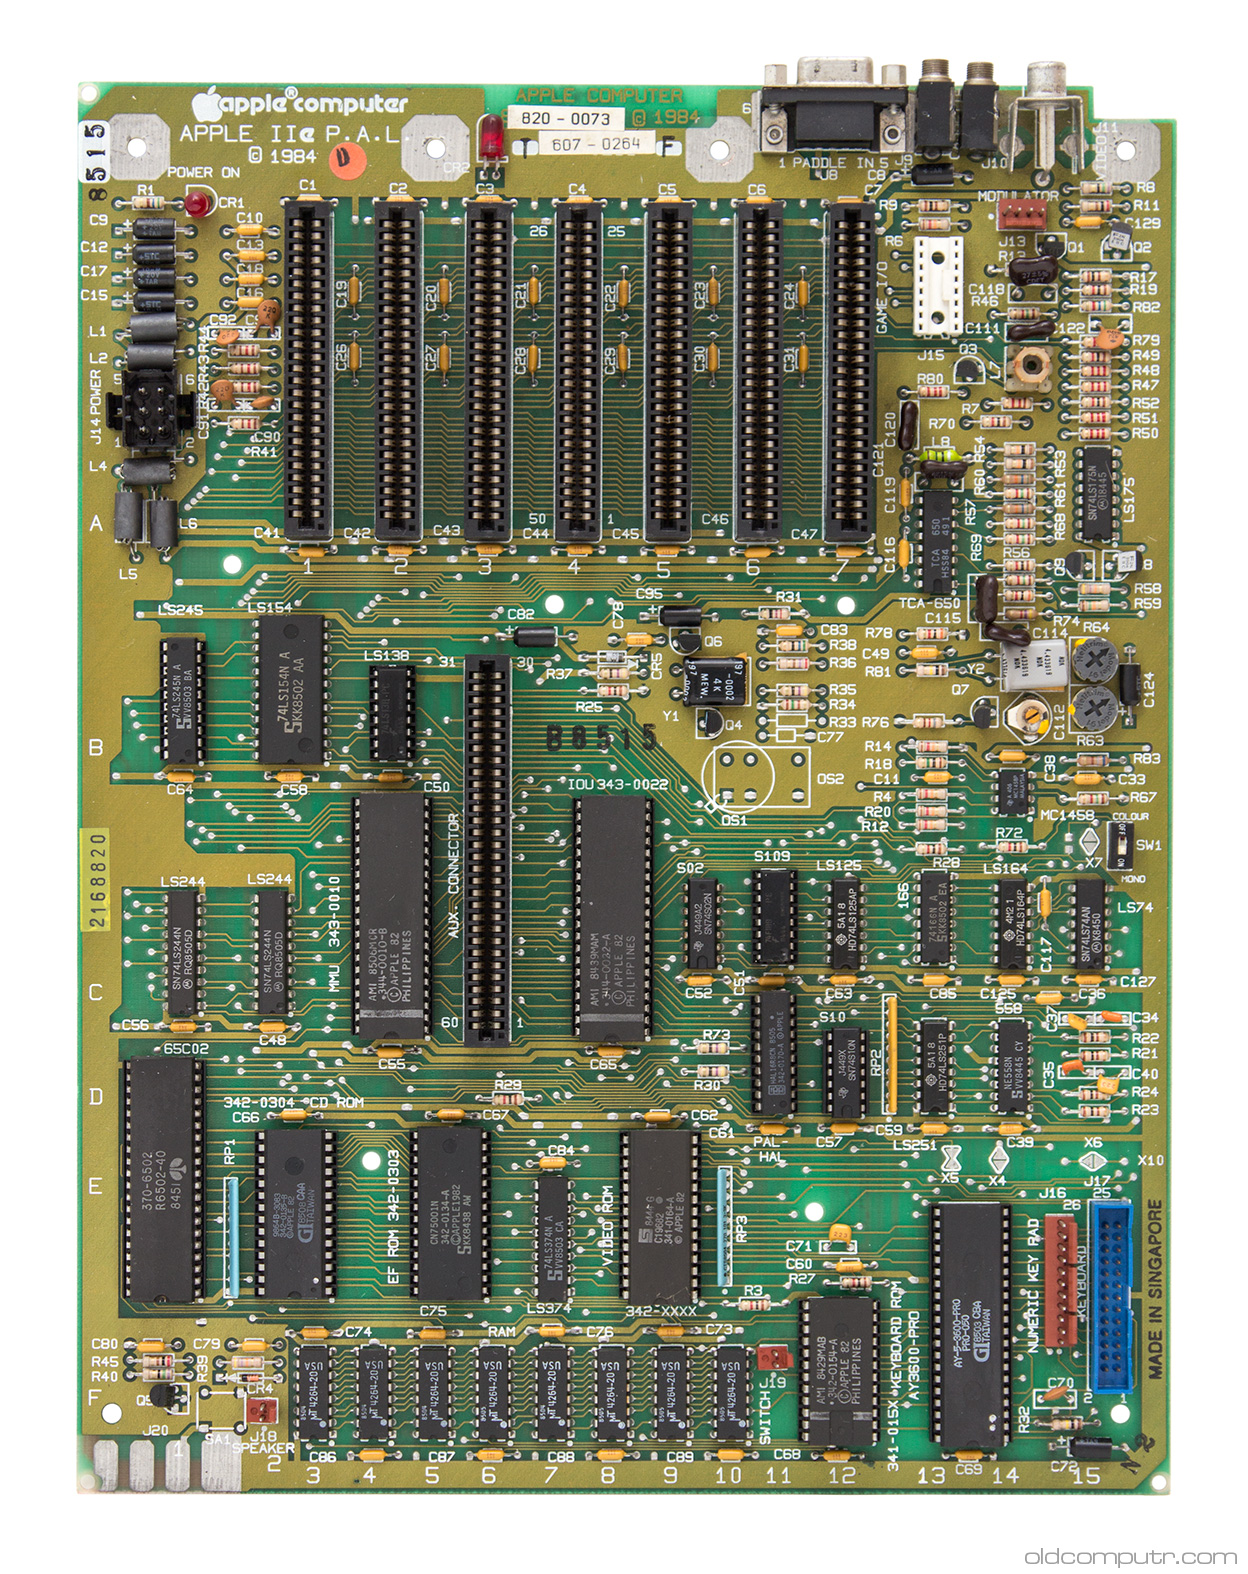 Apple IIe - PAL motherboard